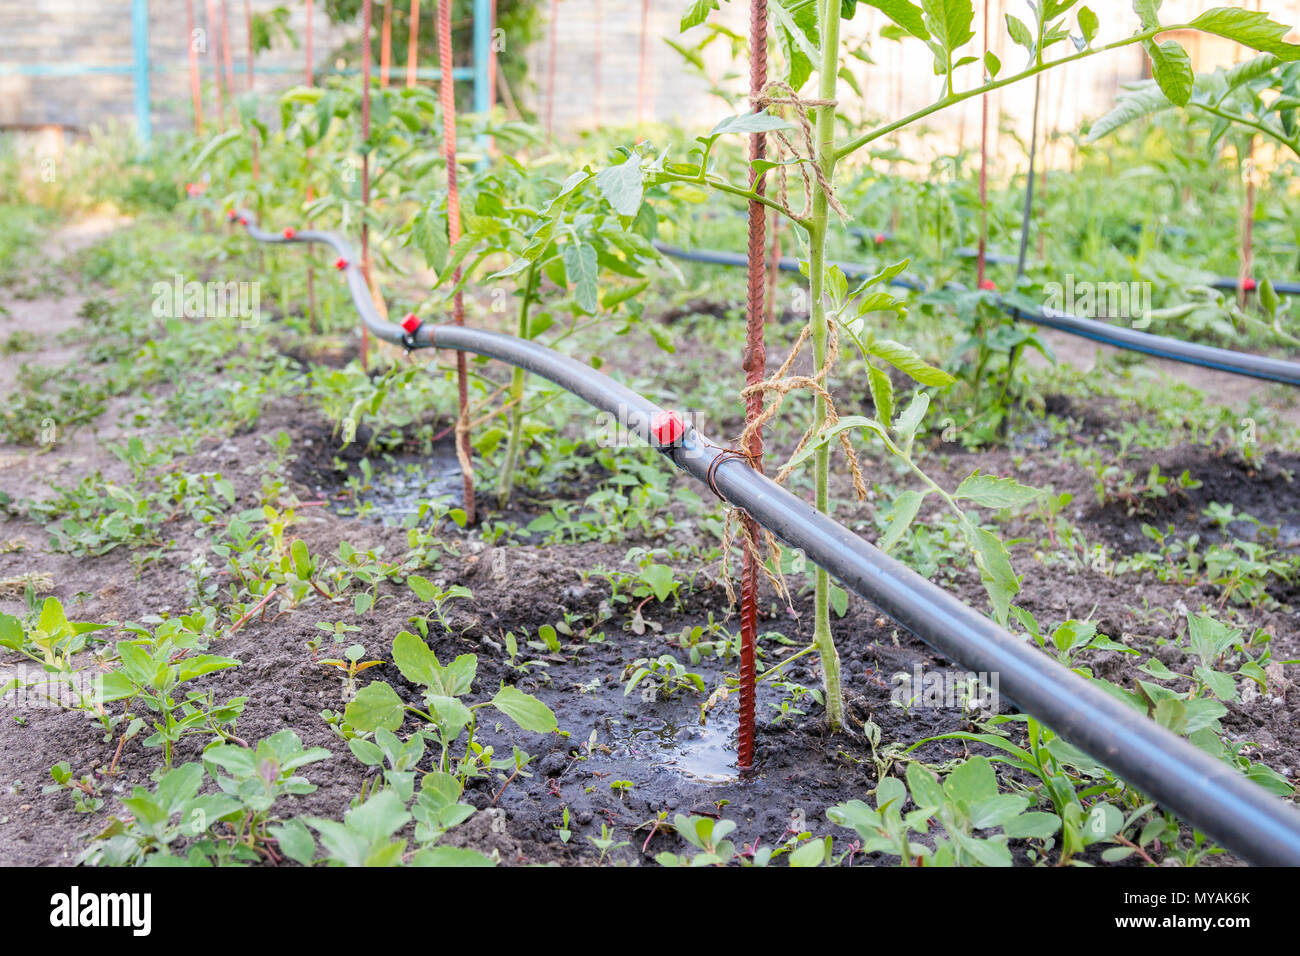 Tropfbewasserung Auf Dem Bett Setzlinge Vorbereitet Fur Den Anbau Von Tomaten Auf Betten Mit Tropfchenbewasserung Stockfotografie Alamy